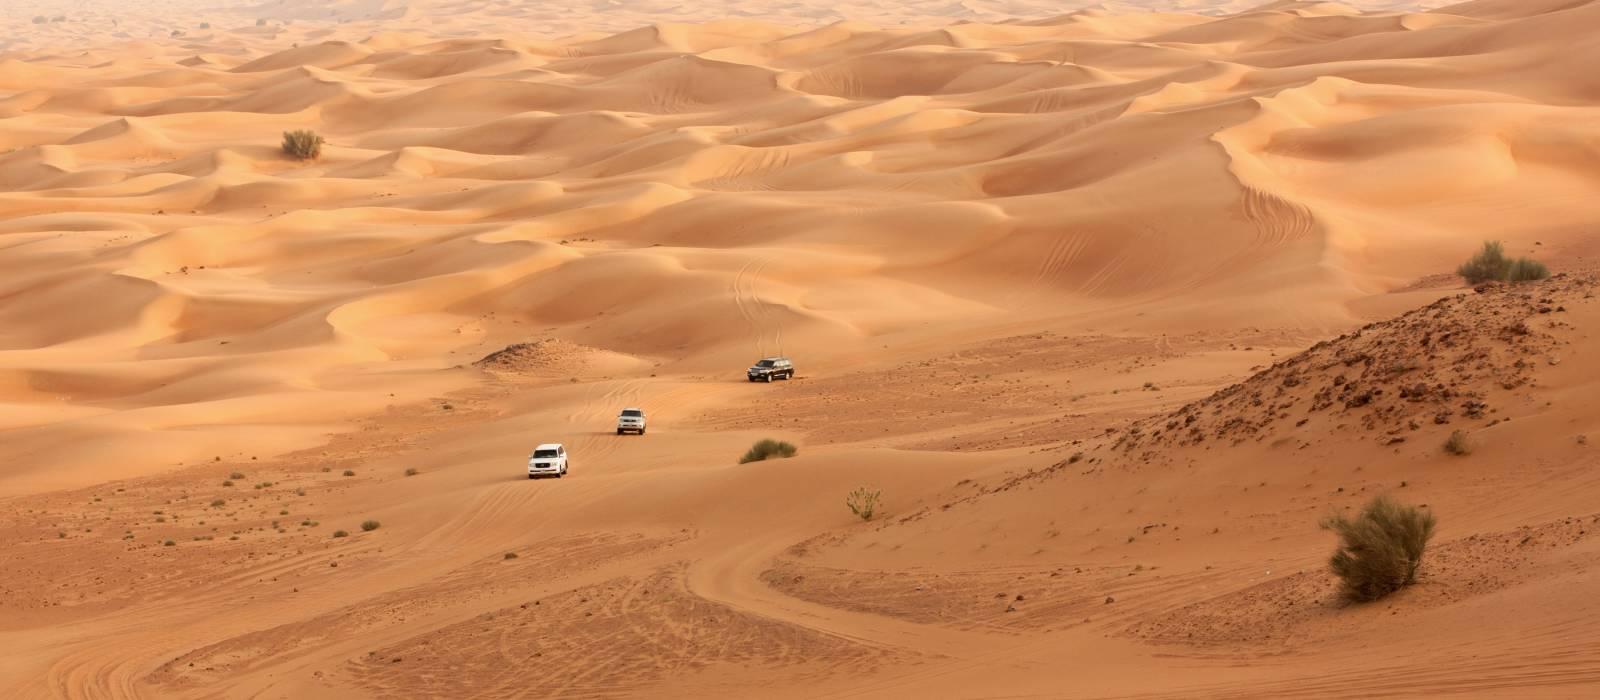 Wüstensafari auf Jeeps in der Nähe von Dubai.